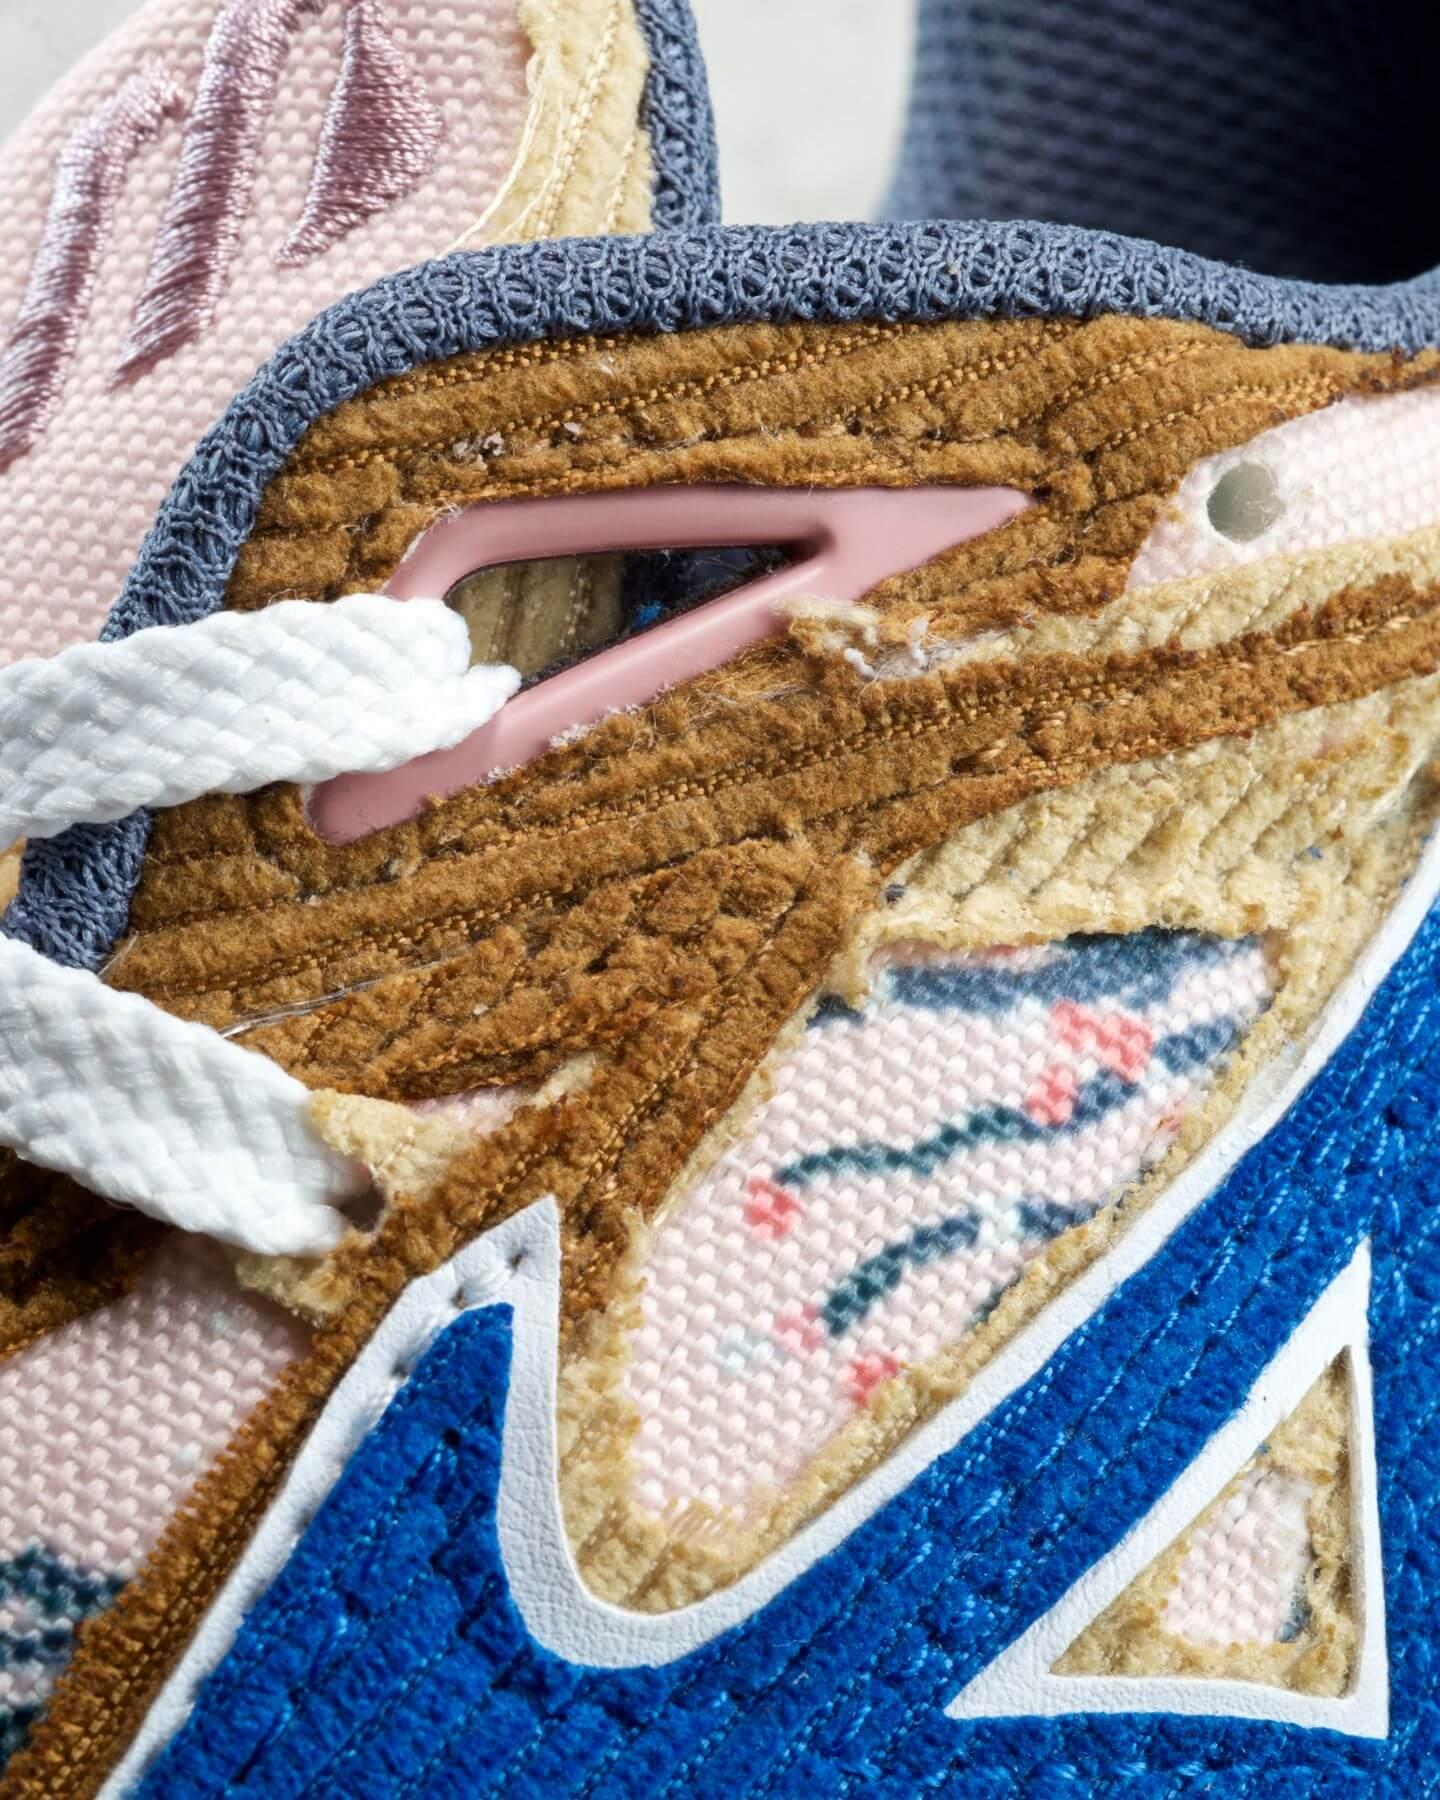 close up - cord upper - Mizuno x Shinzo Paris - Contender - brown/blue - cherry blossom